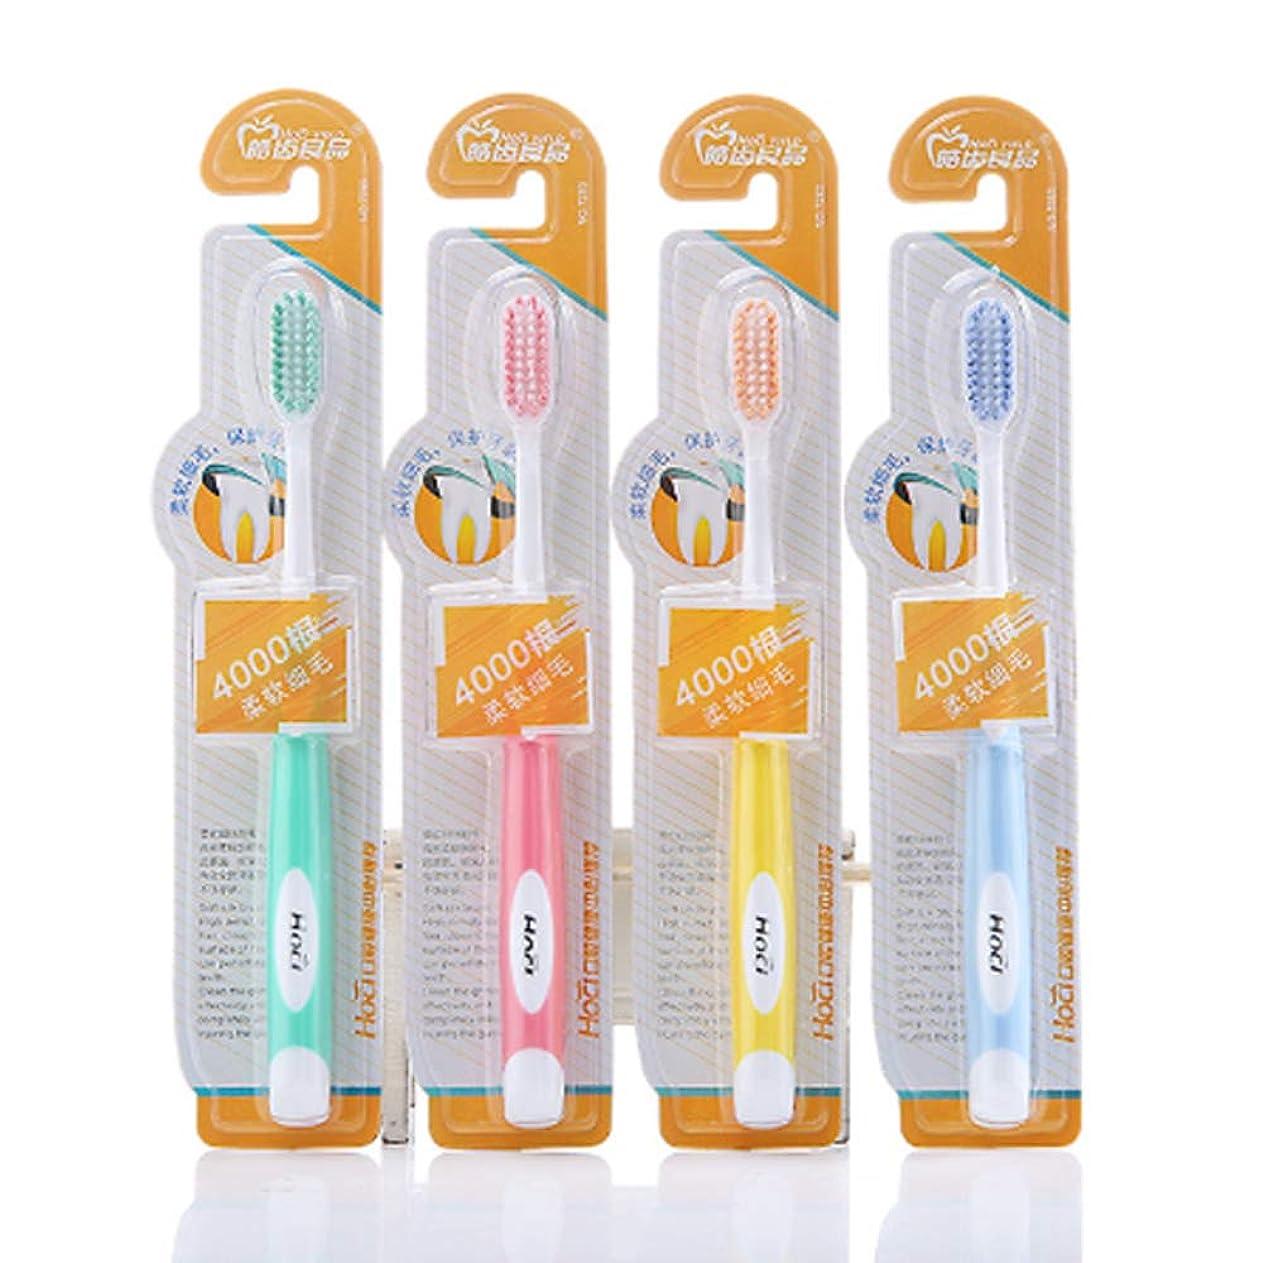 可能裏切るおとなしい成人用、手動用歯ブラシ、シングルパック用歯ブラシ、残留物の効率的な清掃、W字型デザインは歯の形状にフィット